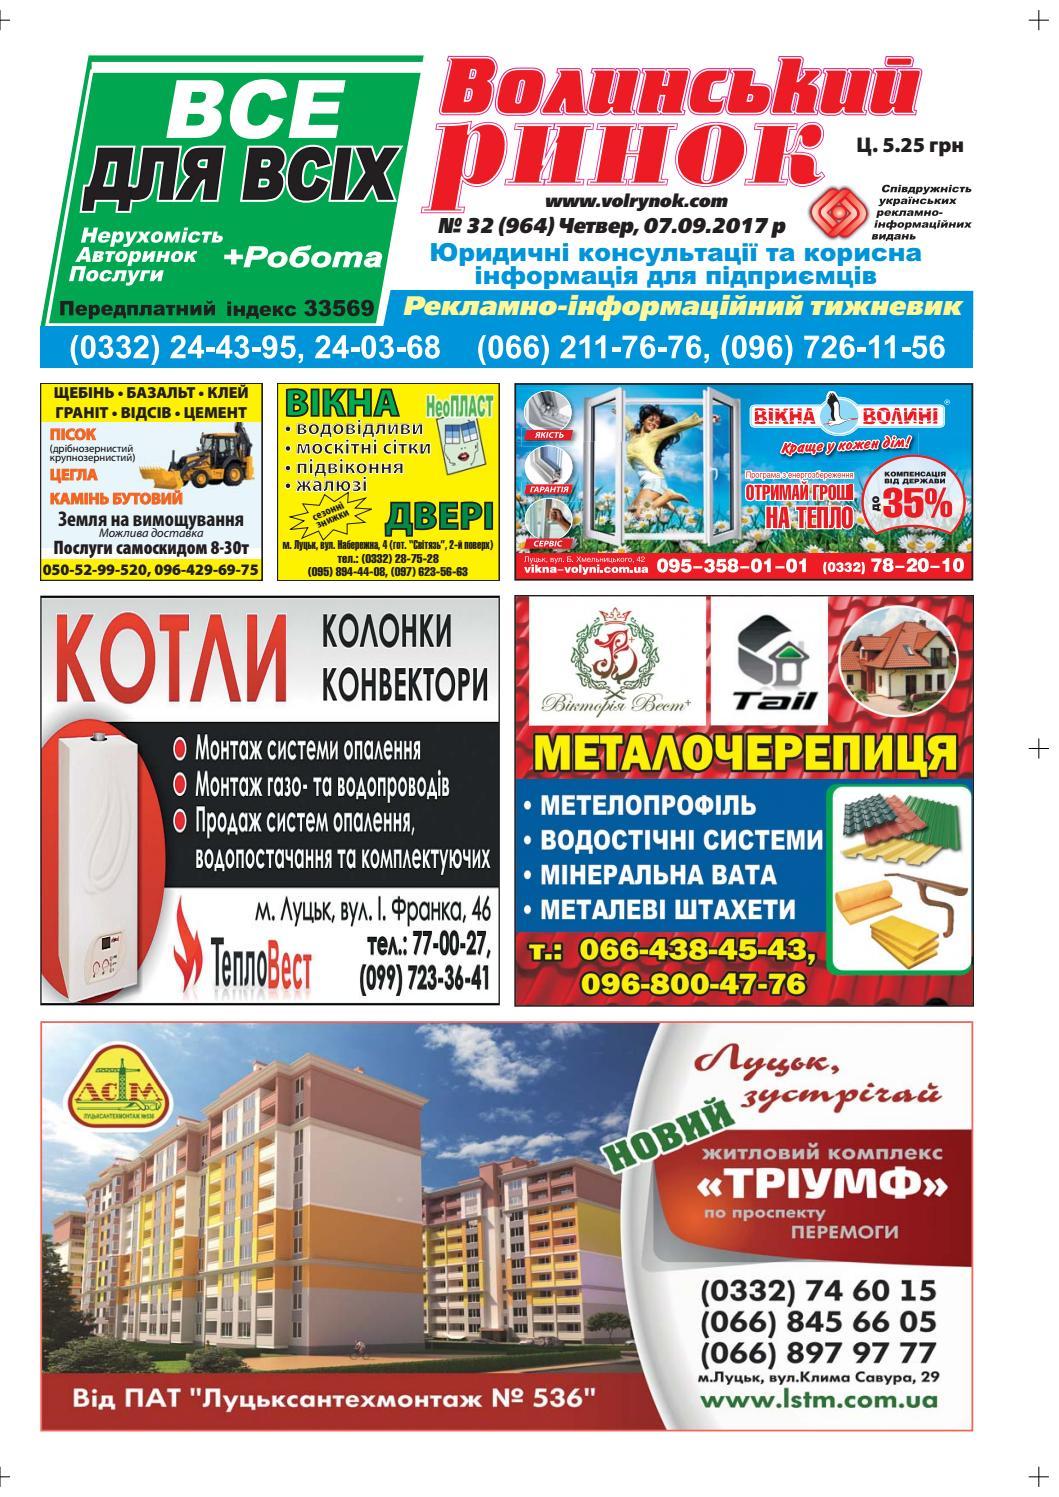 Українські онлайн автомати